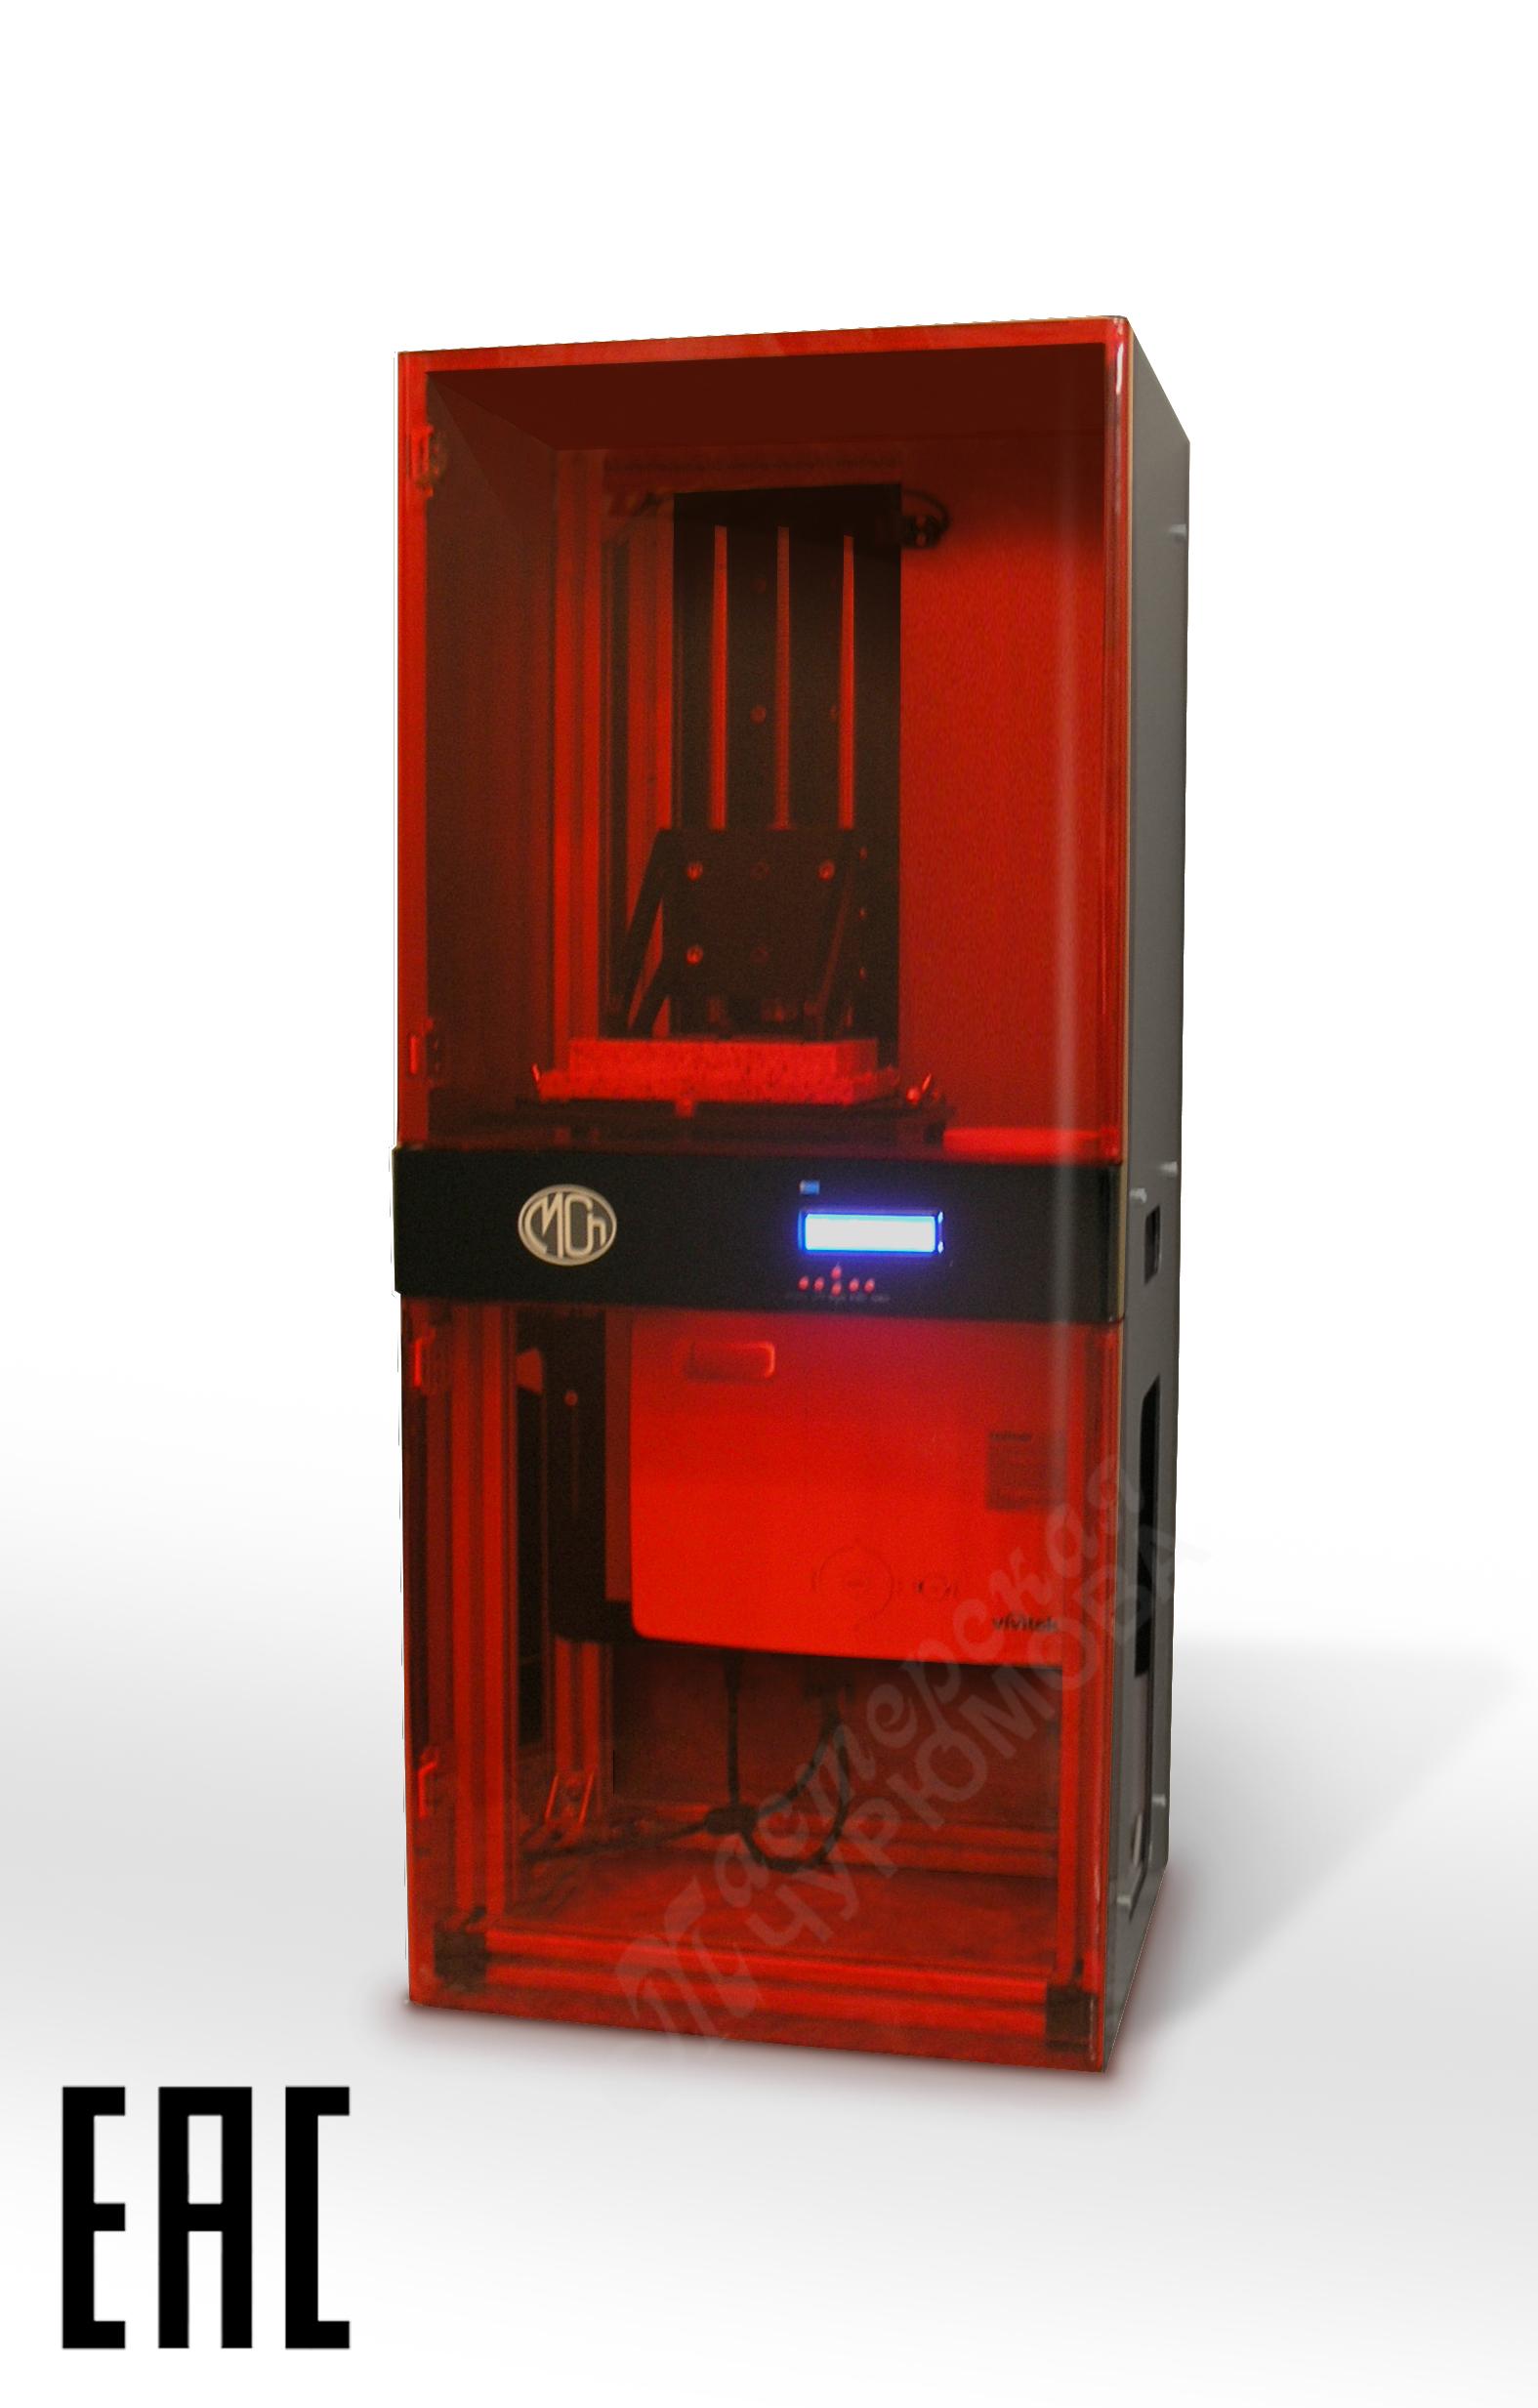 3D принтер Mch DLP SLA c проектором full hd